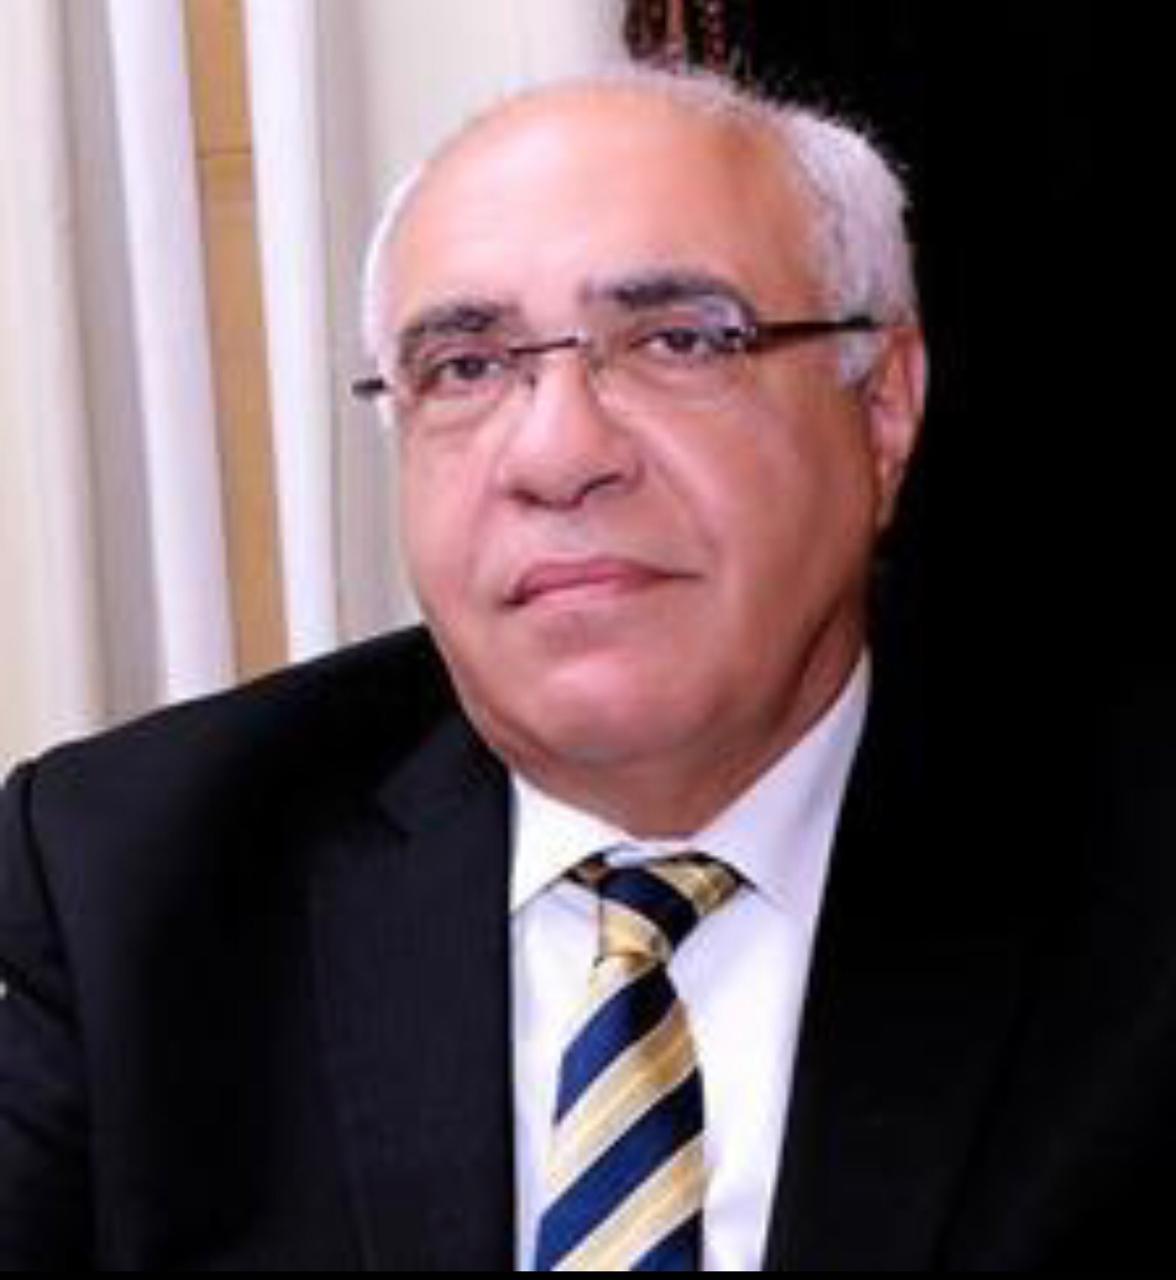 """إتفاقية تعاون بين """"جامعة المستقبل"""" و"""" شلمبرجيه مصر"""" للتدريب على """" هندسة البترول"""""""